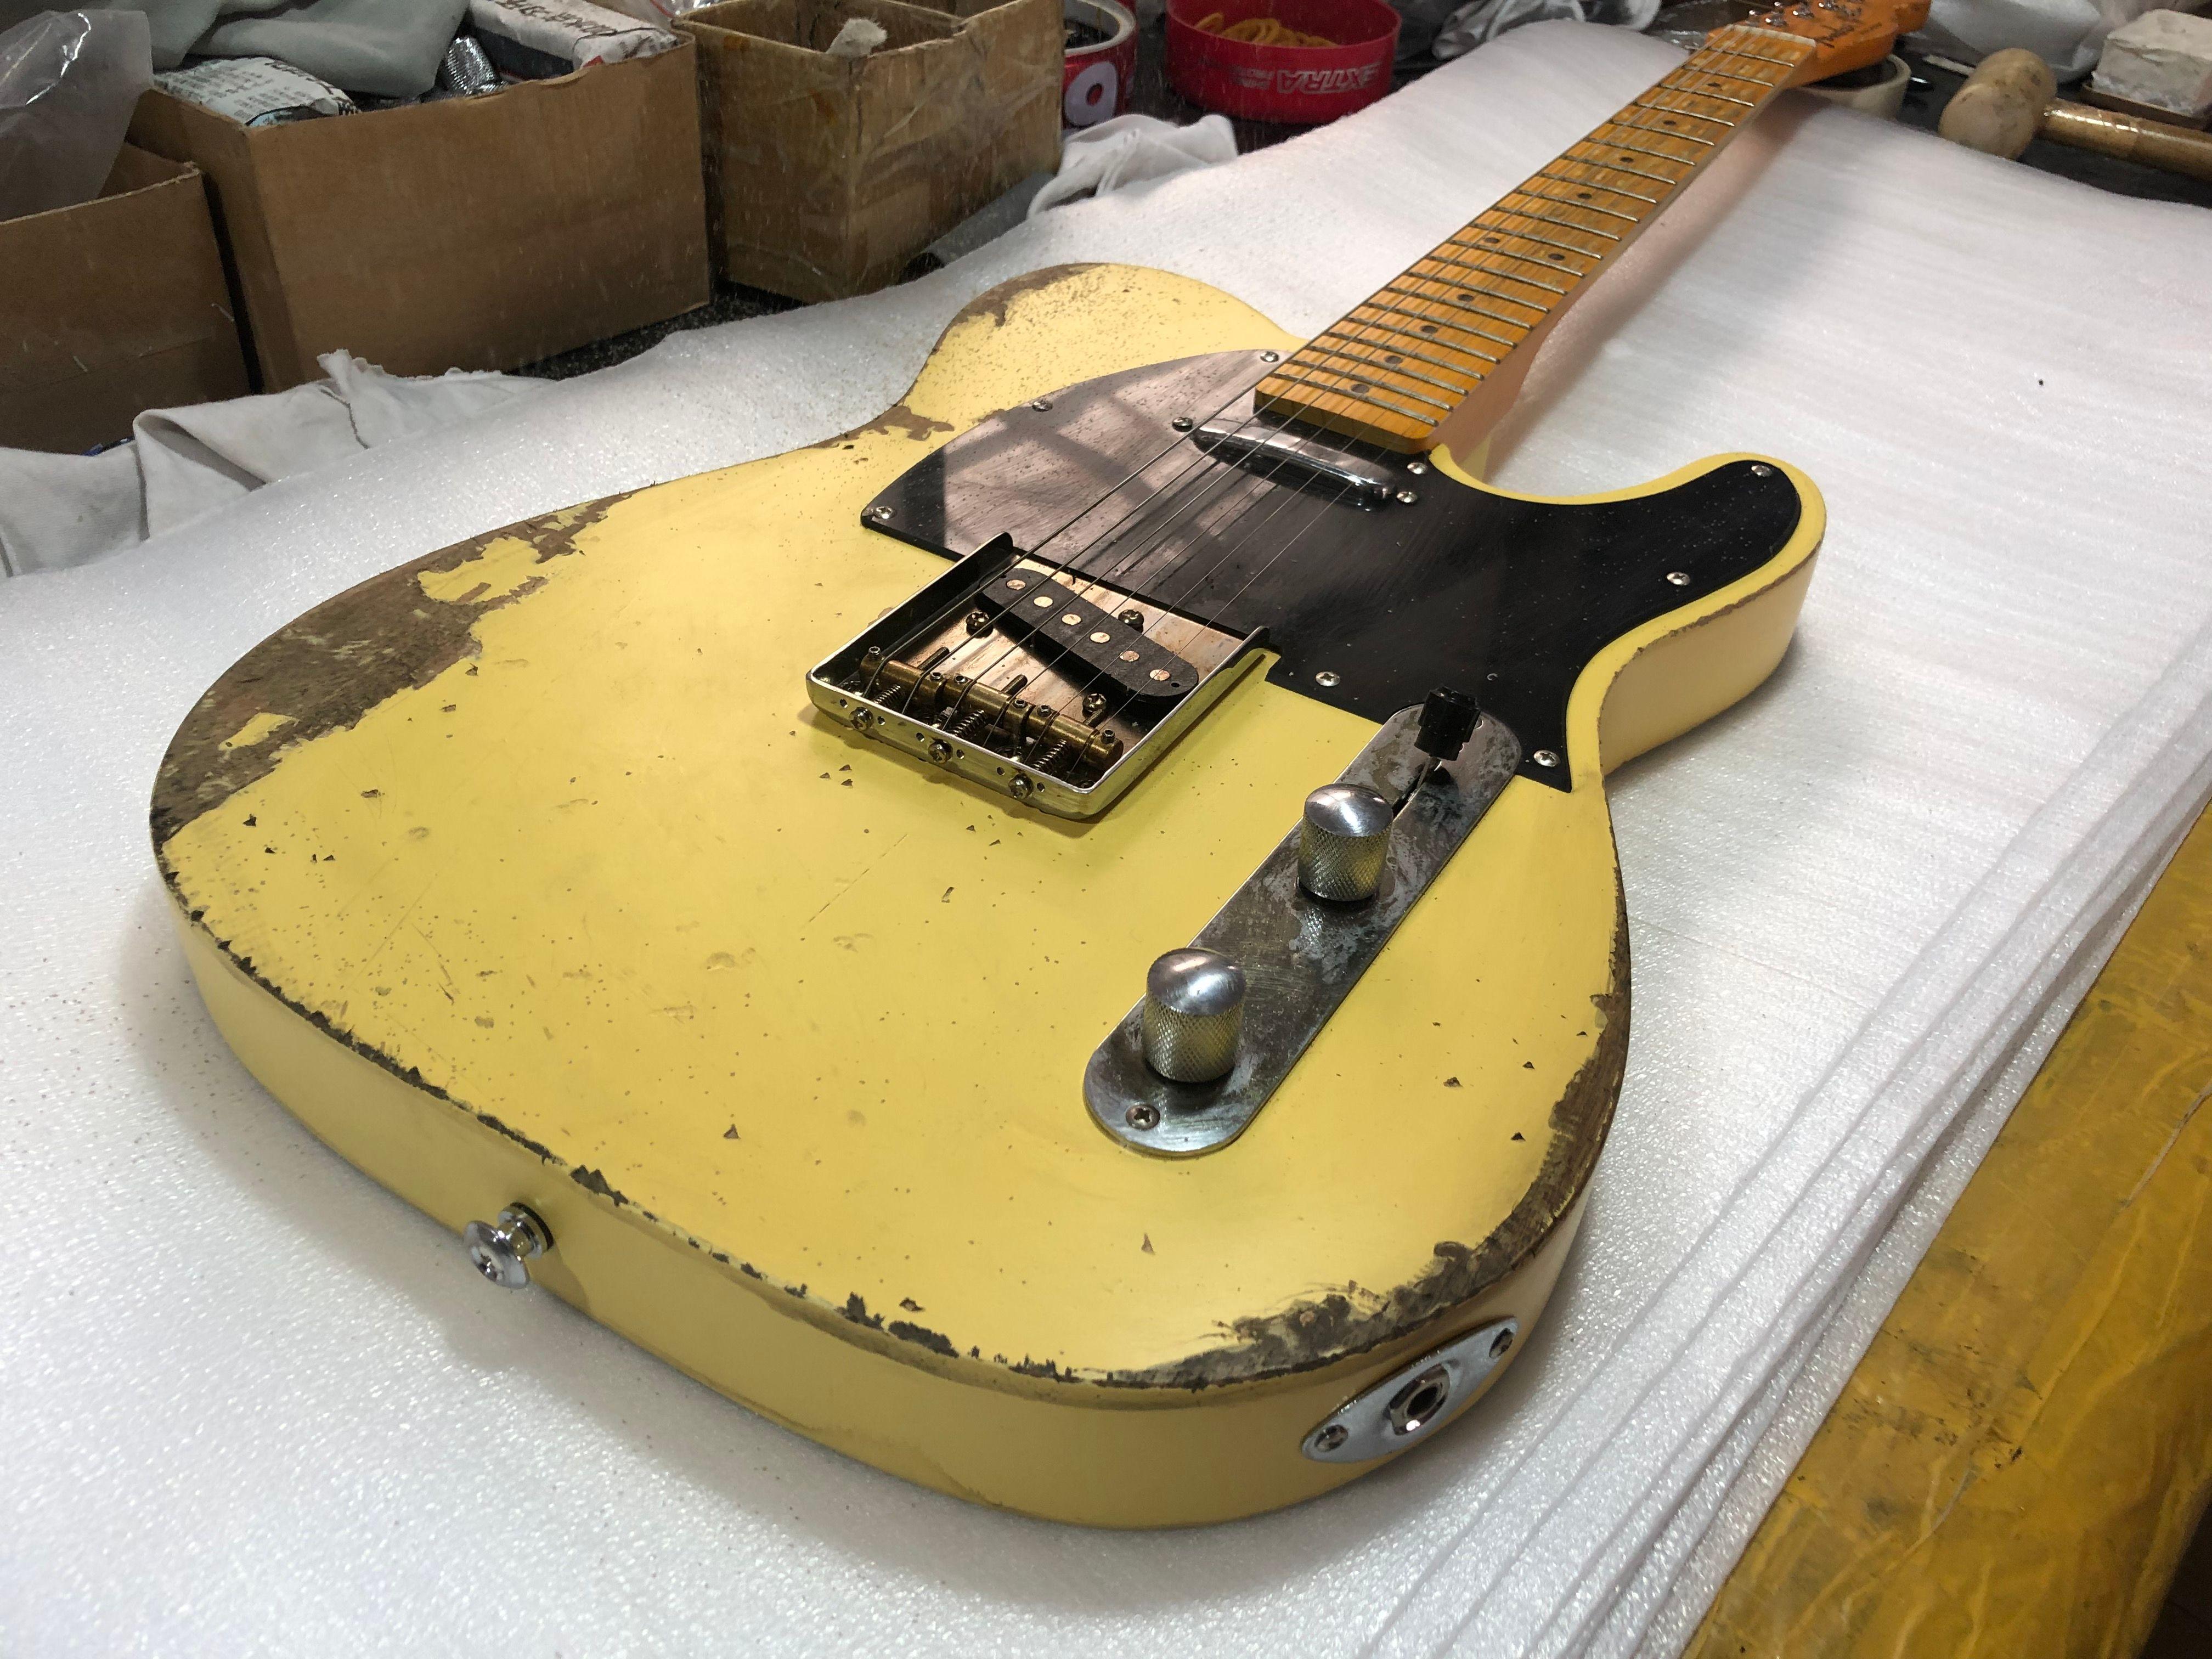 masterbuilt الثقيلة quick الأصفر 1953 tele جيتار الغيتار الكهربائي الجسم، مختصر الرقبة الأصابع، 3 جسر السرج، pickguard الأسود